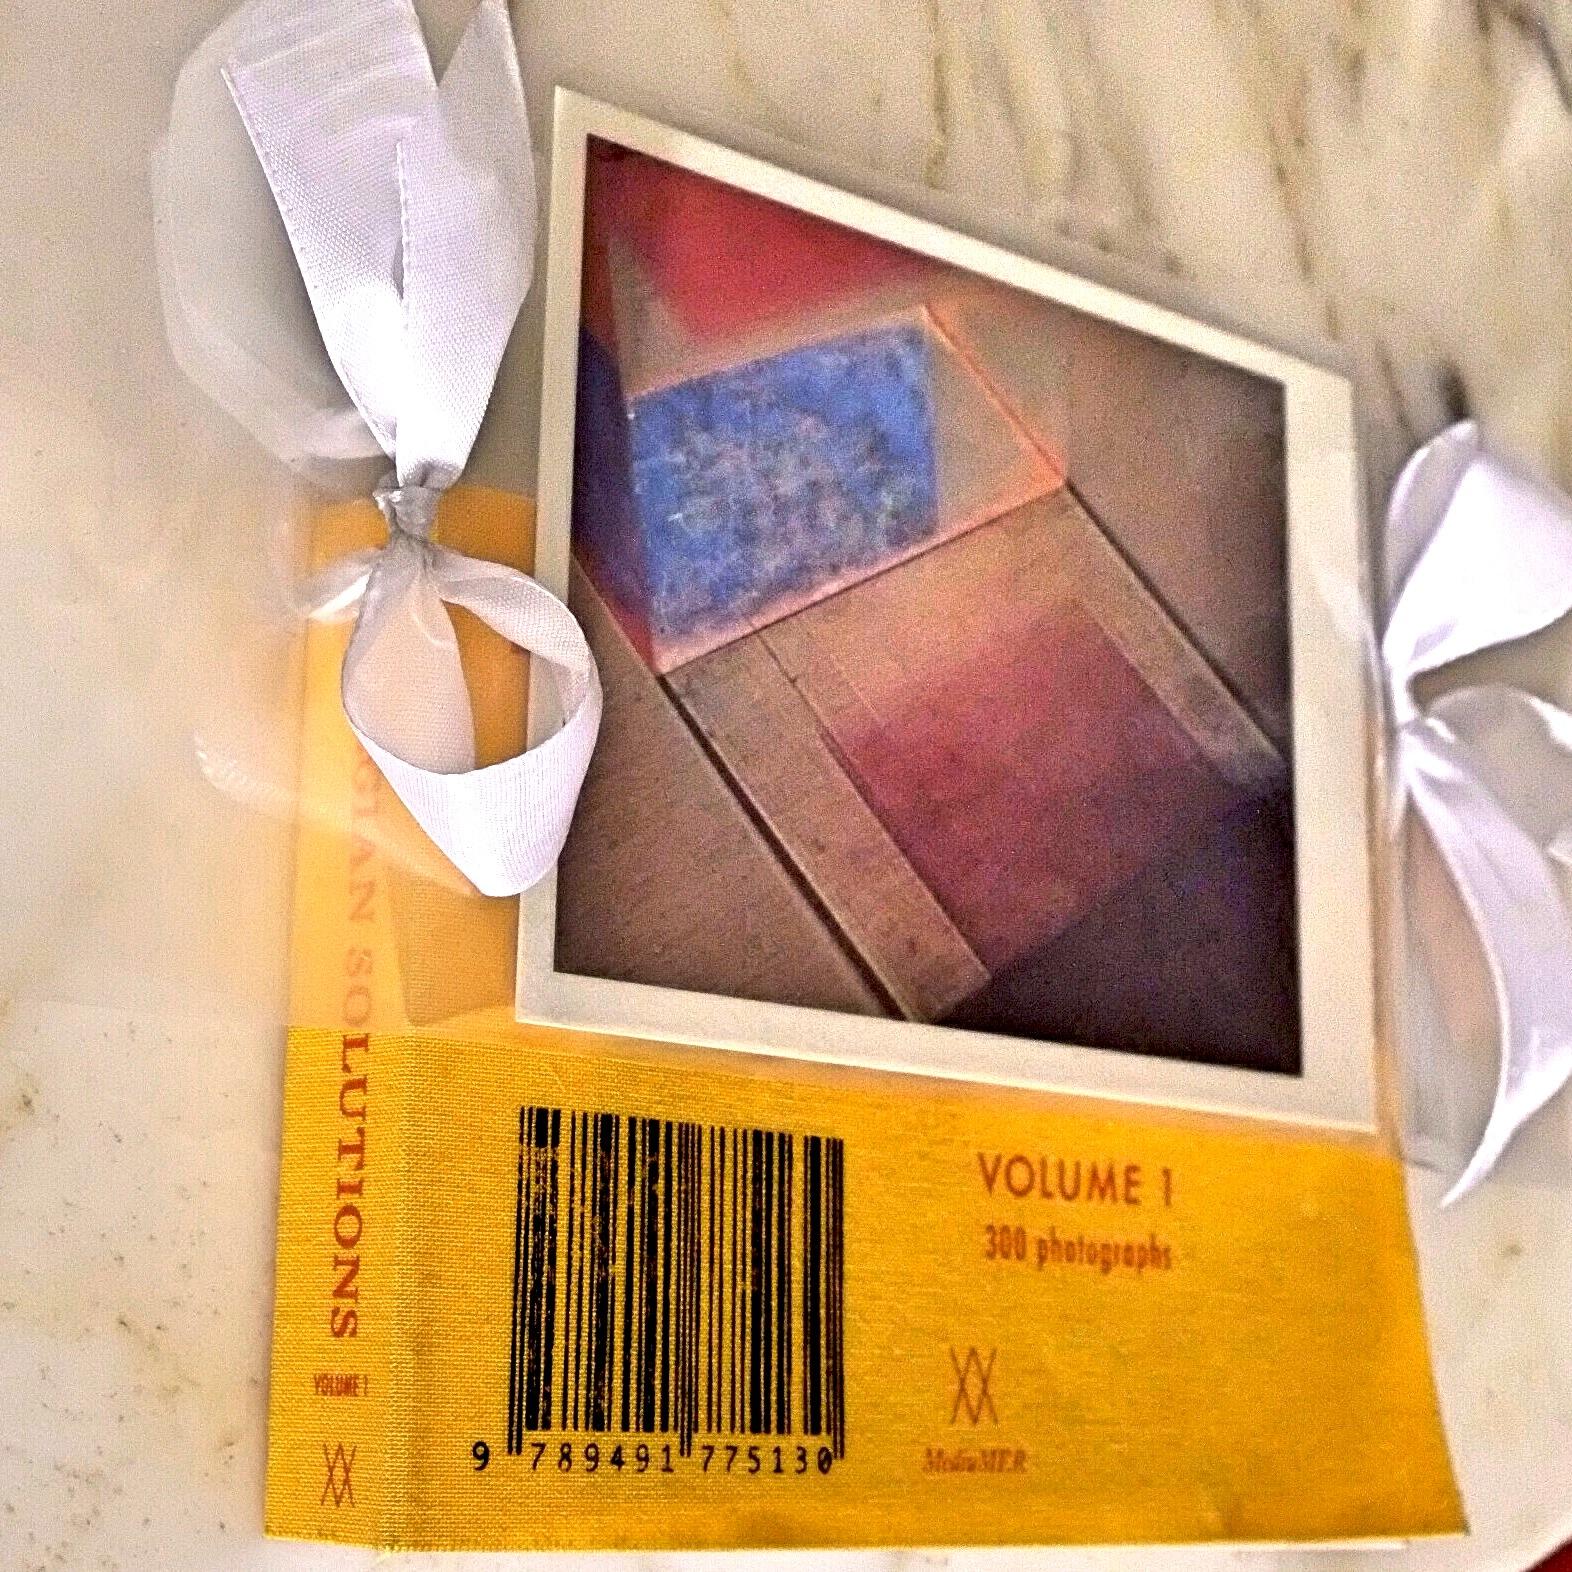 vierkant-Iphone-boek-glijdt-uit-verpakking.jpg